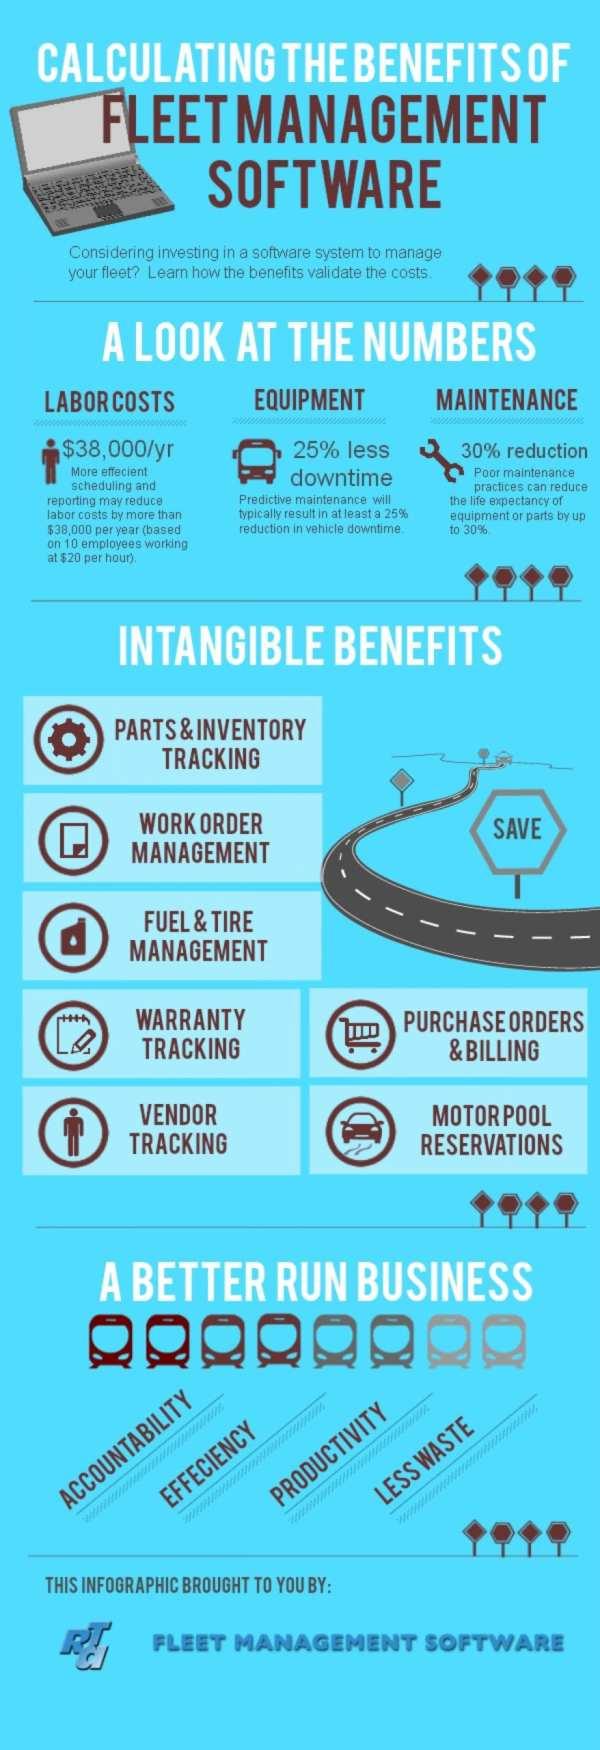 List of Beneffits of Fleet Management Software - Infographic